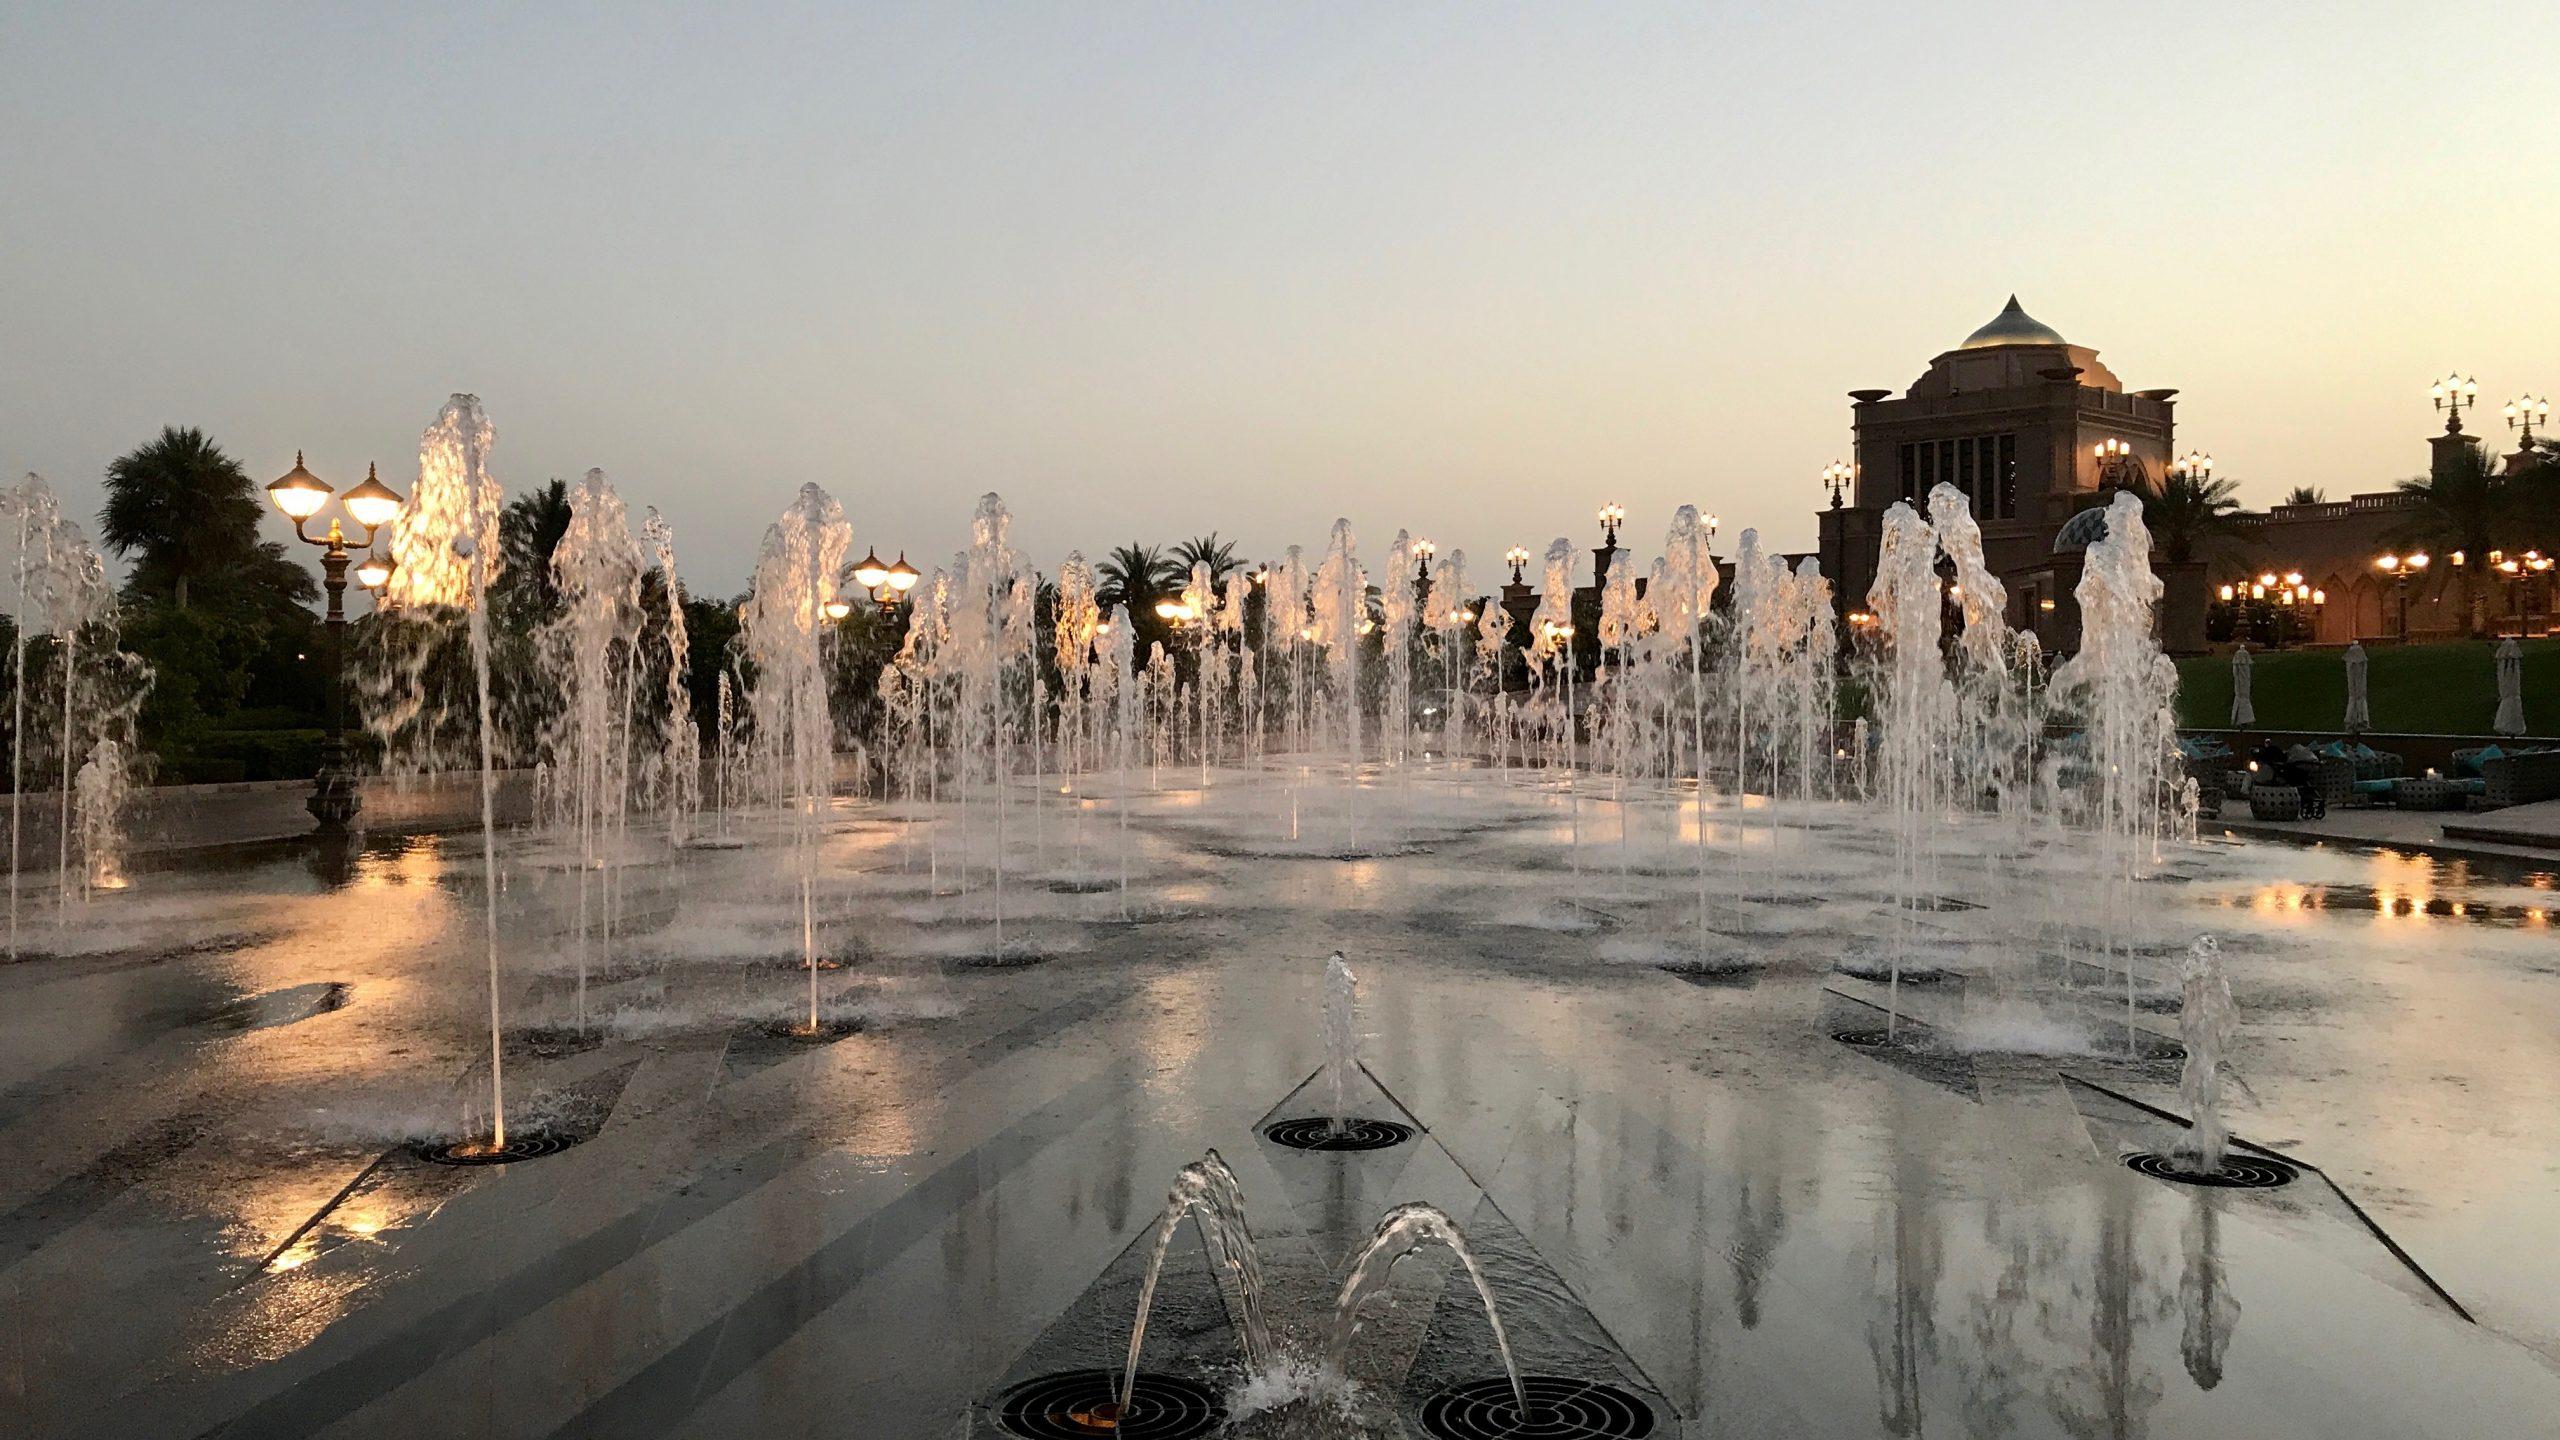 Wasserspiele beim Sonnenuntergang. Im Hintergrund sind die vielen Lampen und ein Teil der Außenfassade vom Luxushotel Emirates Palace in Abu Dhabi bereits erleuchtet. Lichter spiegeln sich im Wasser.